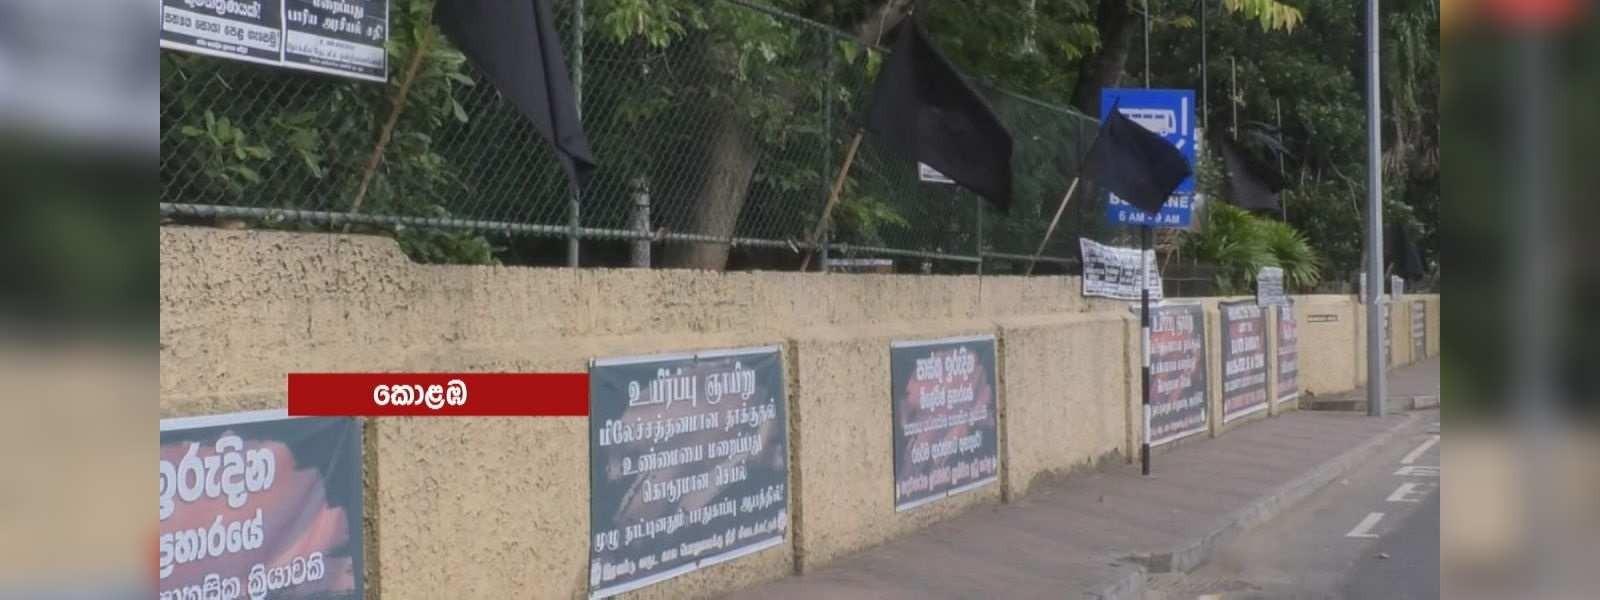 'Silent black protest day' underway